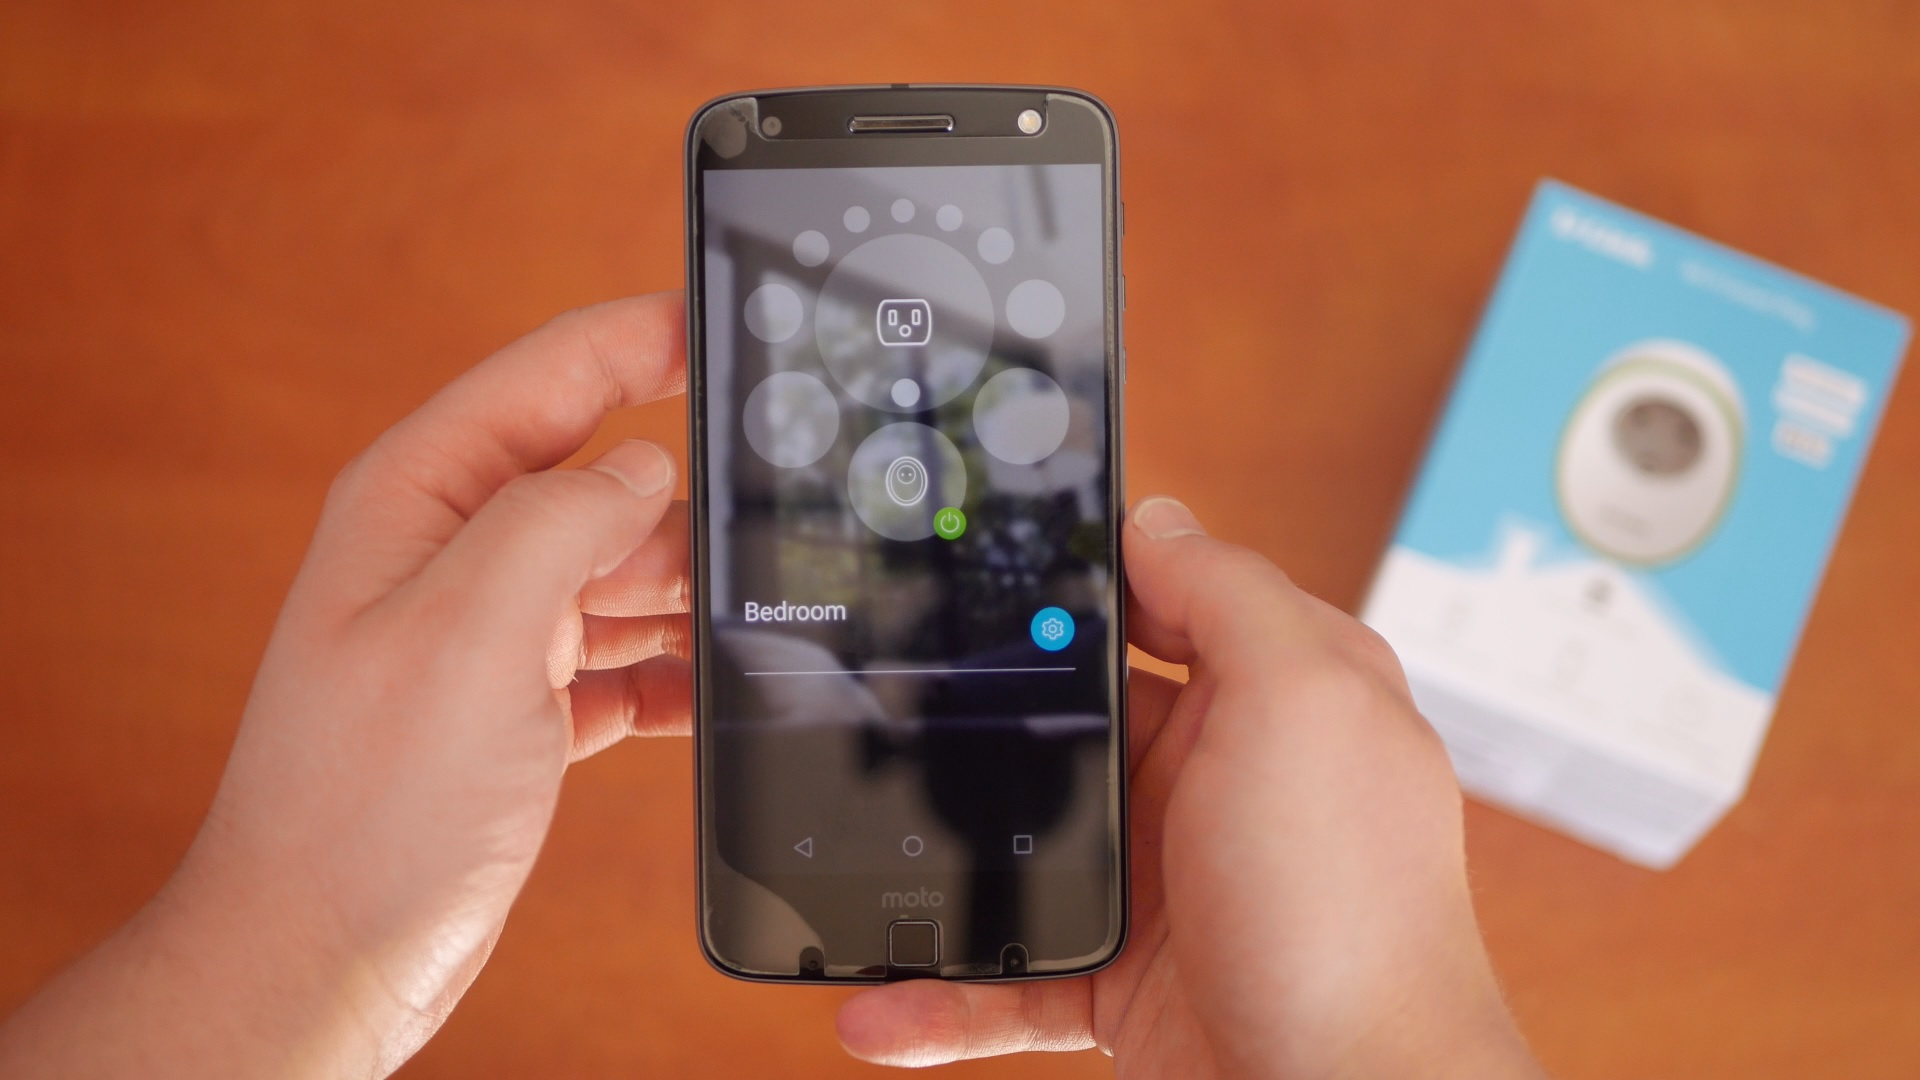 D-link Smart Plug - mobile